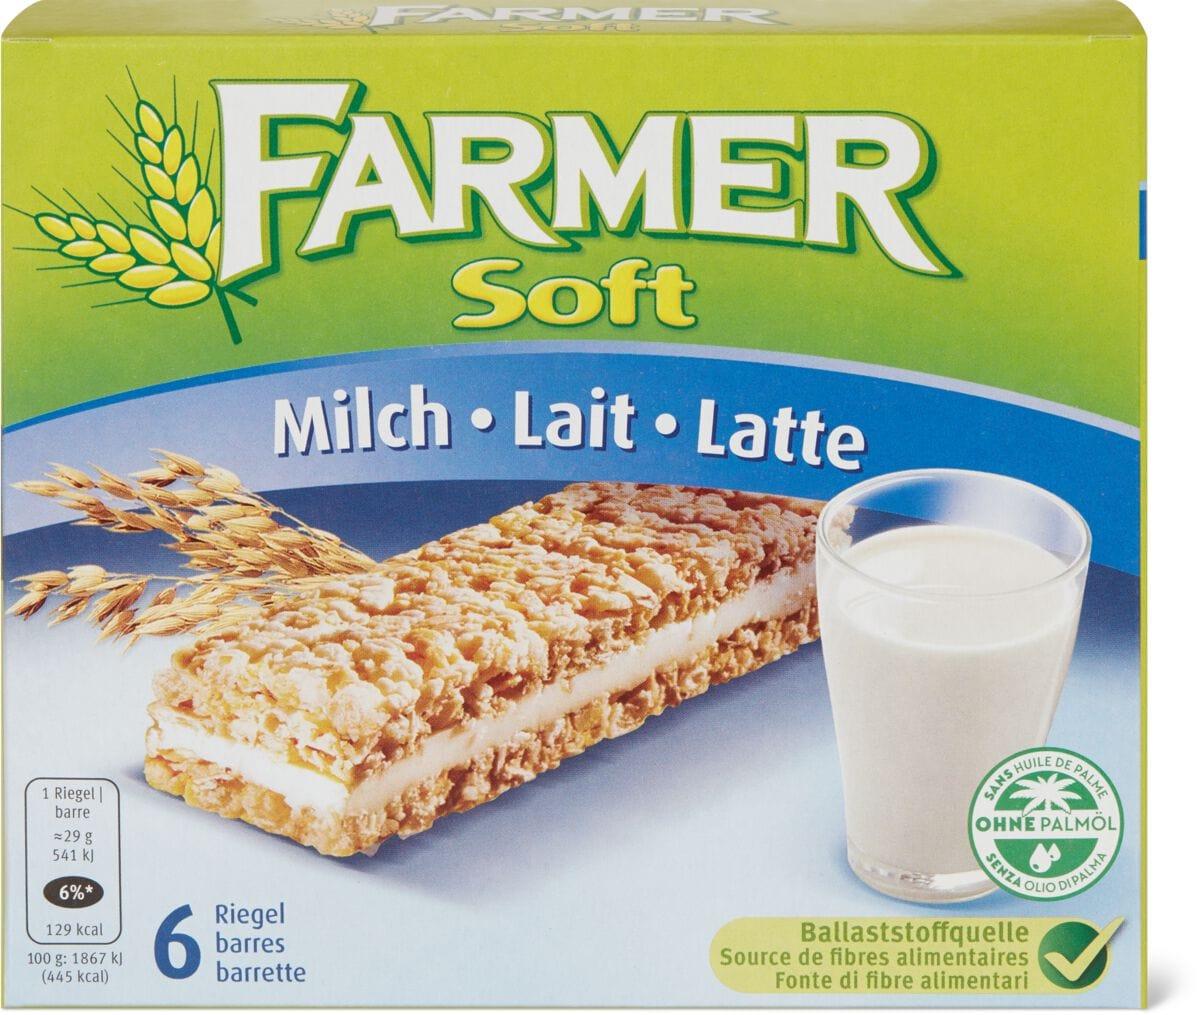 Farmer Soft Milch